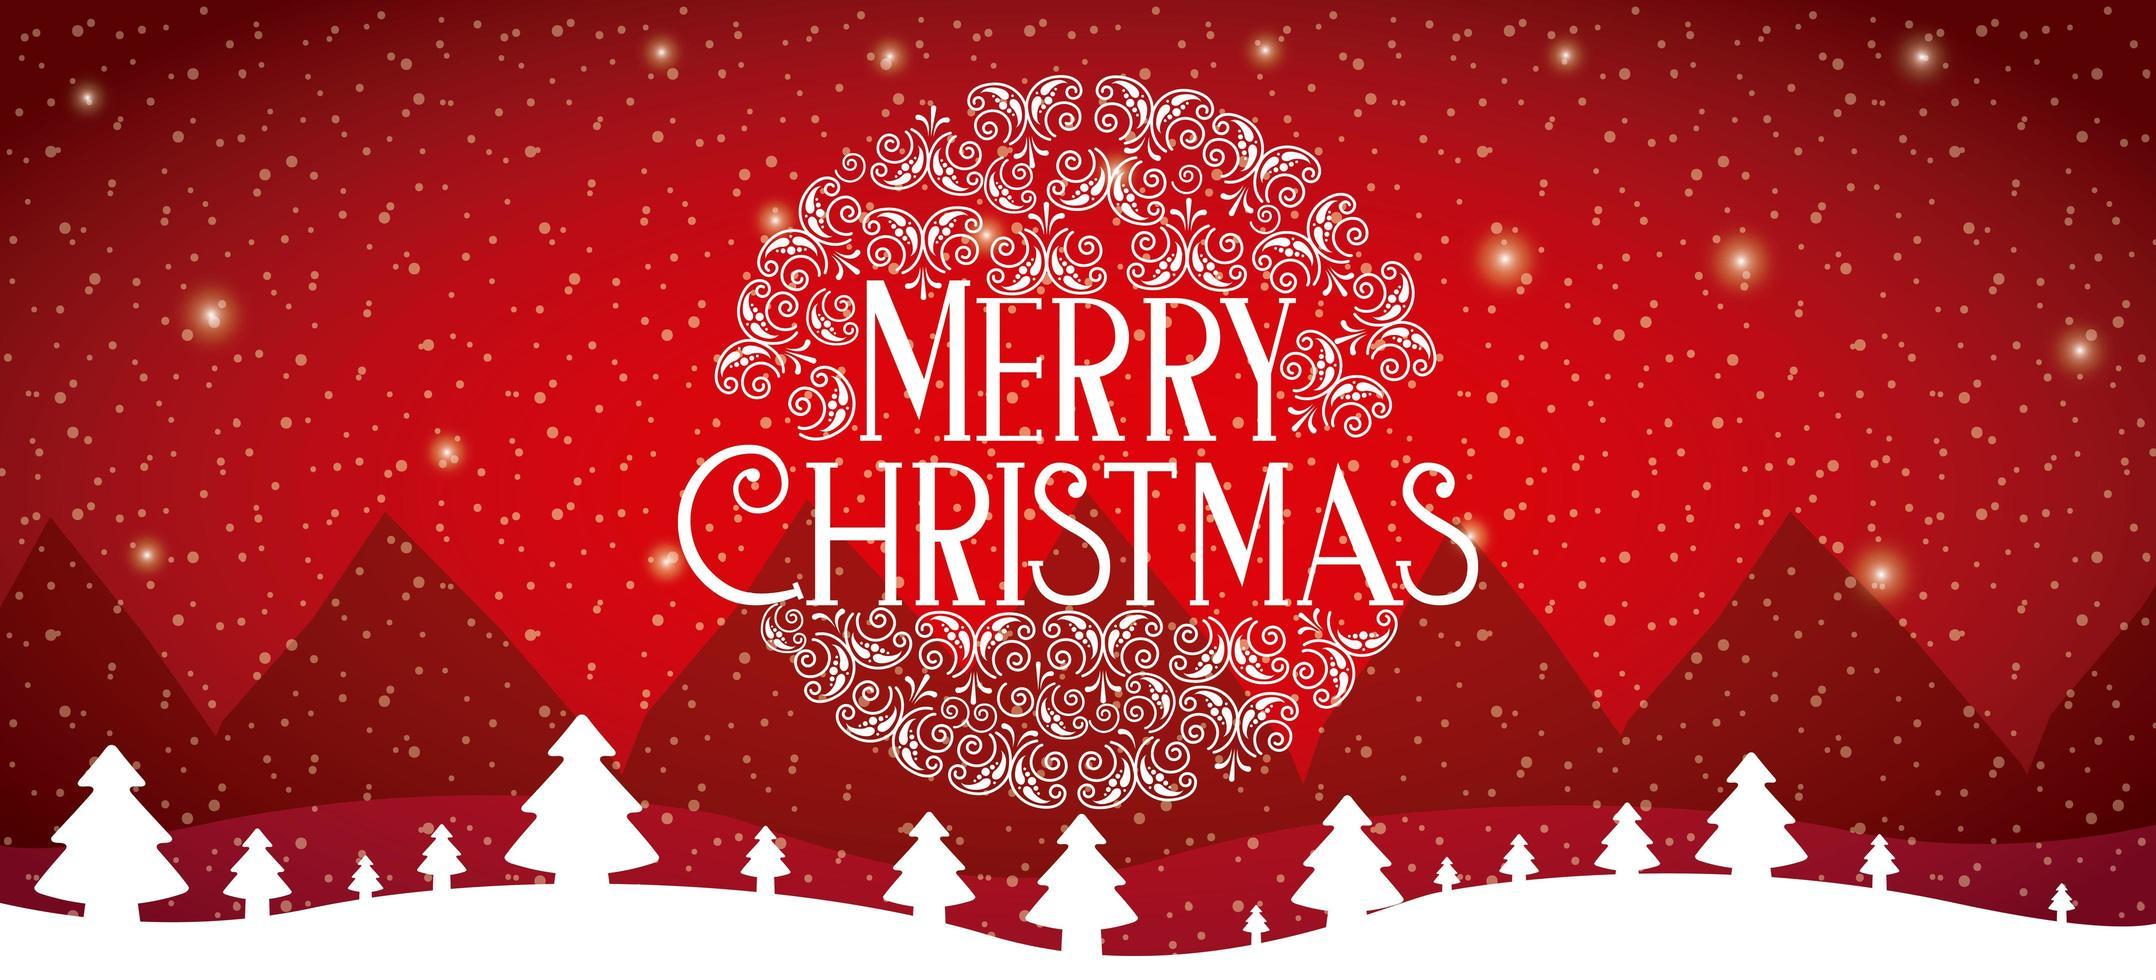 carte de joyeux Noël rouge avec scène de neige vecteur